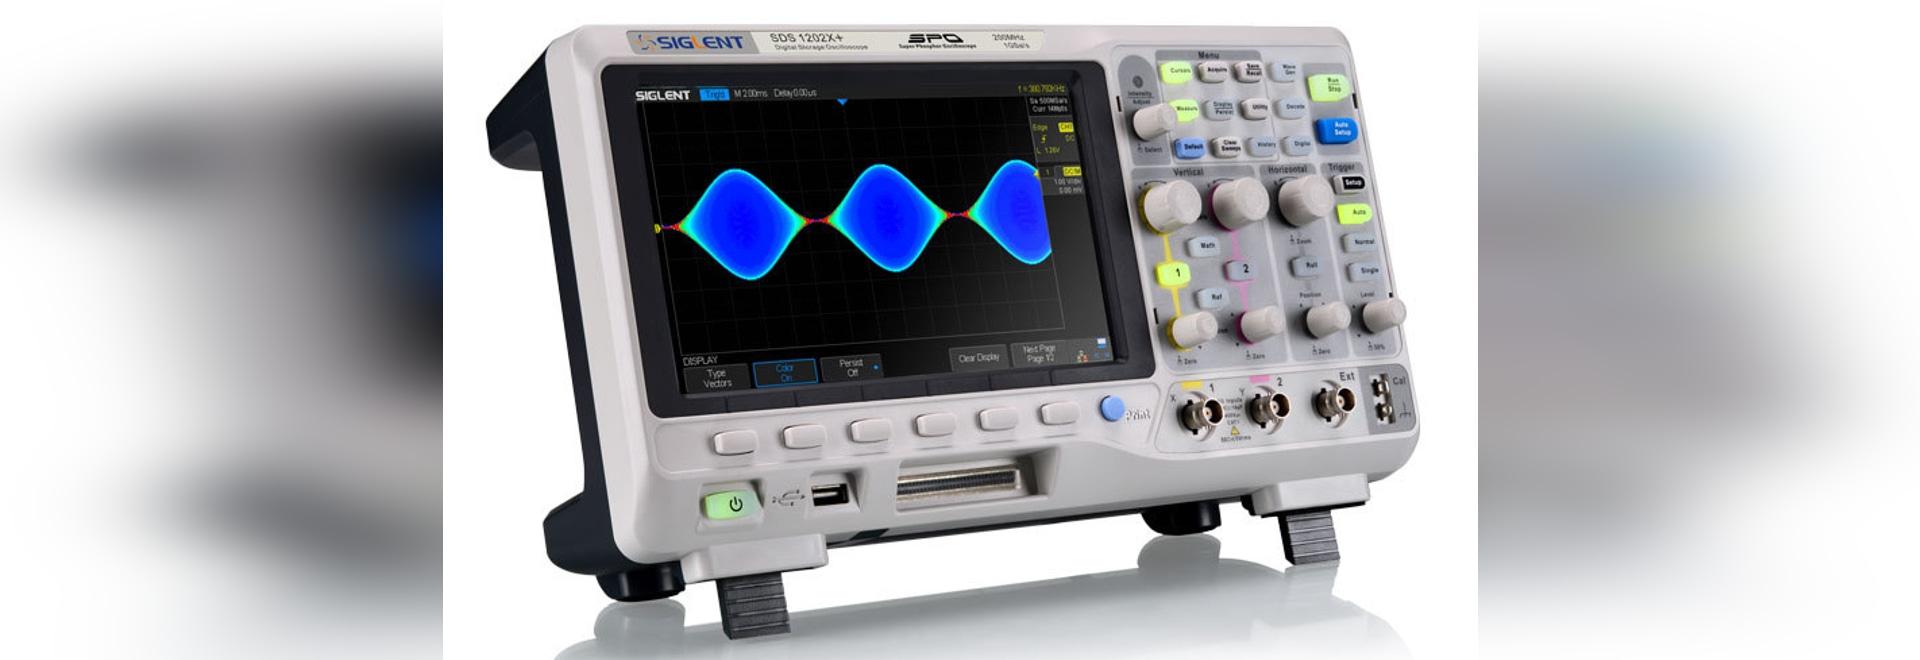 Verificación de una conexión de trabajo de las comunicaciones remotas usando NI-MAX